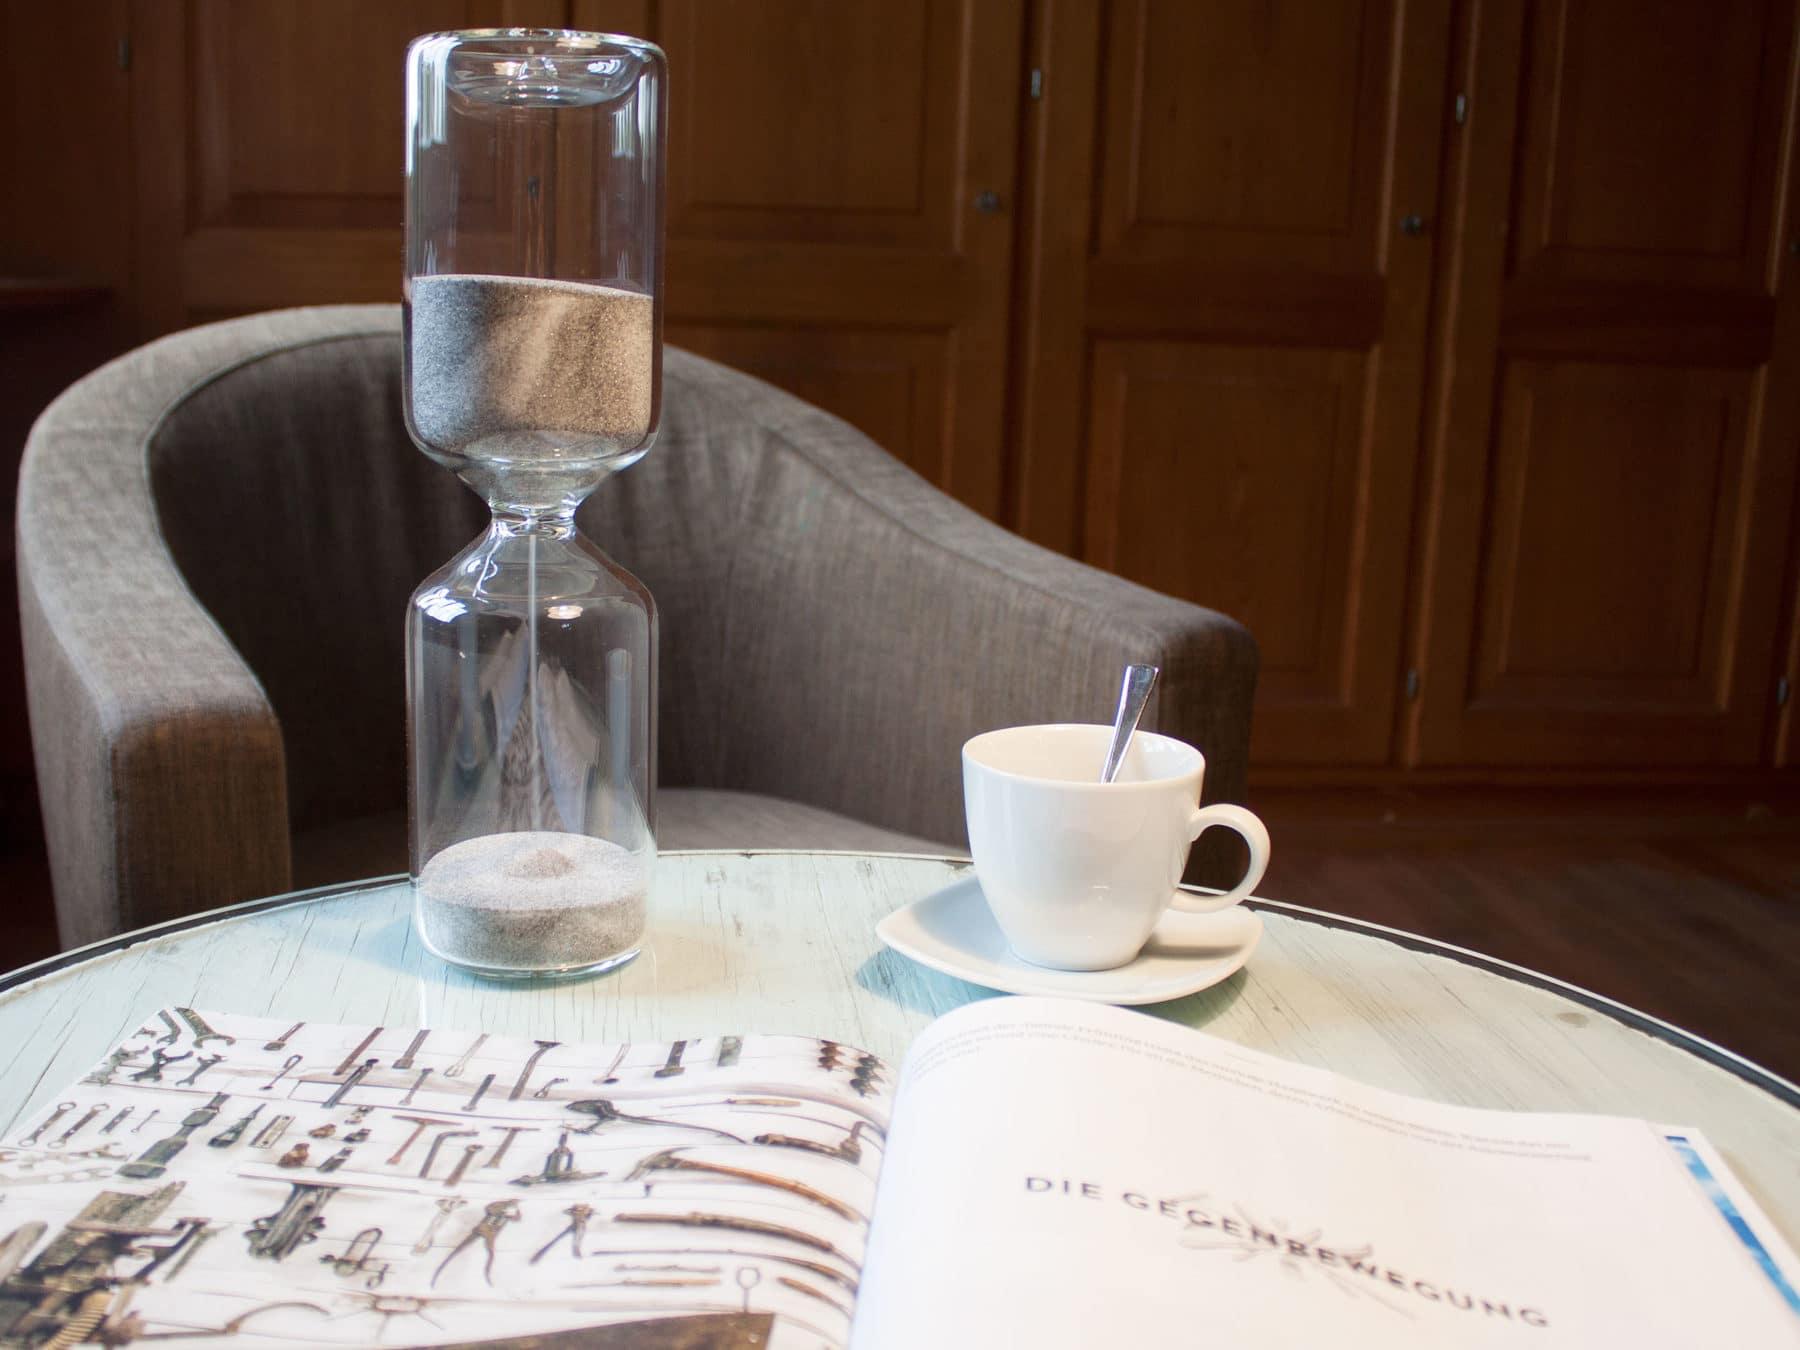 Sanduhr kaufen Anthrazit Schweiz Glasblaeser handgemacht Staedler swiss KURTS.ch